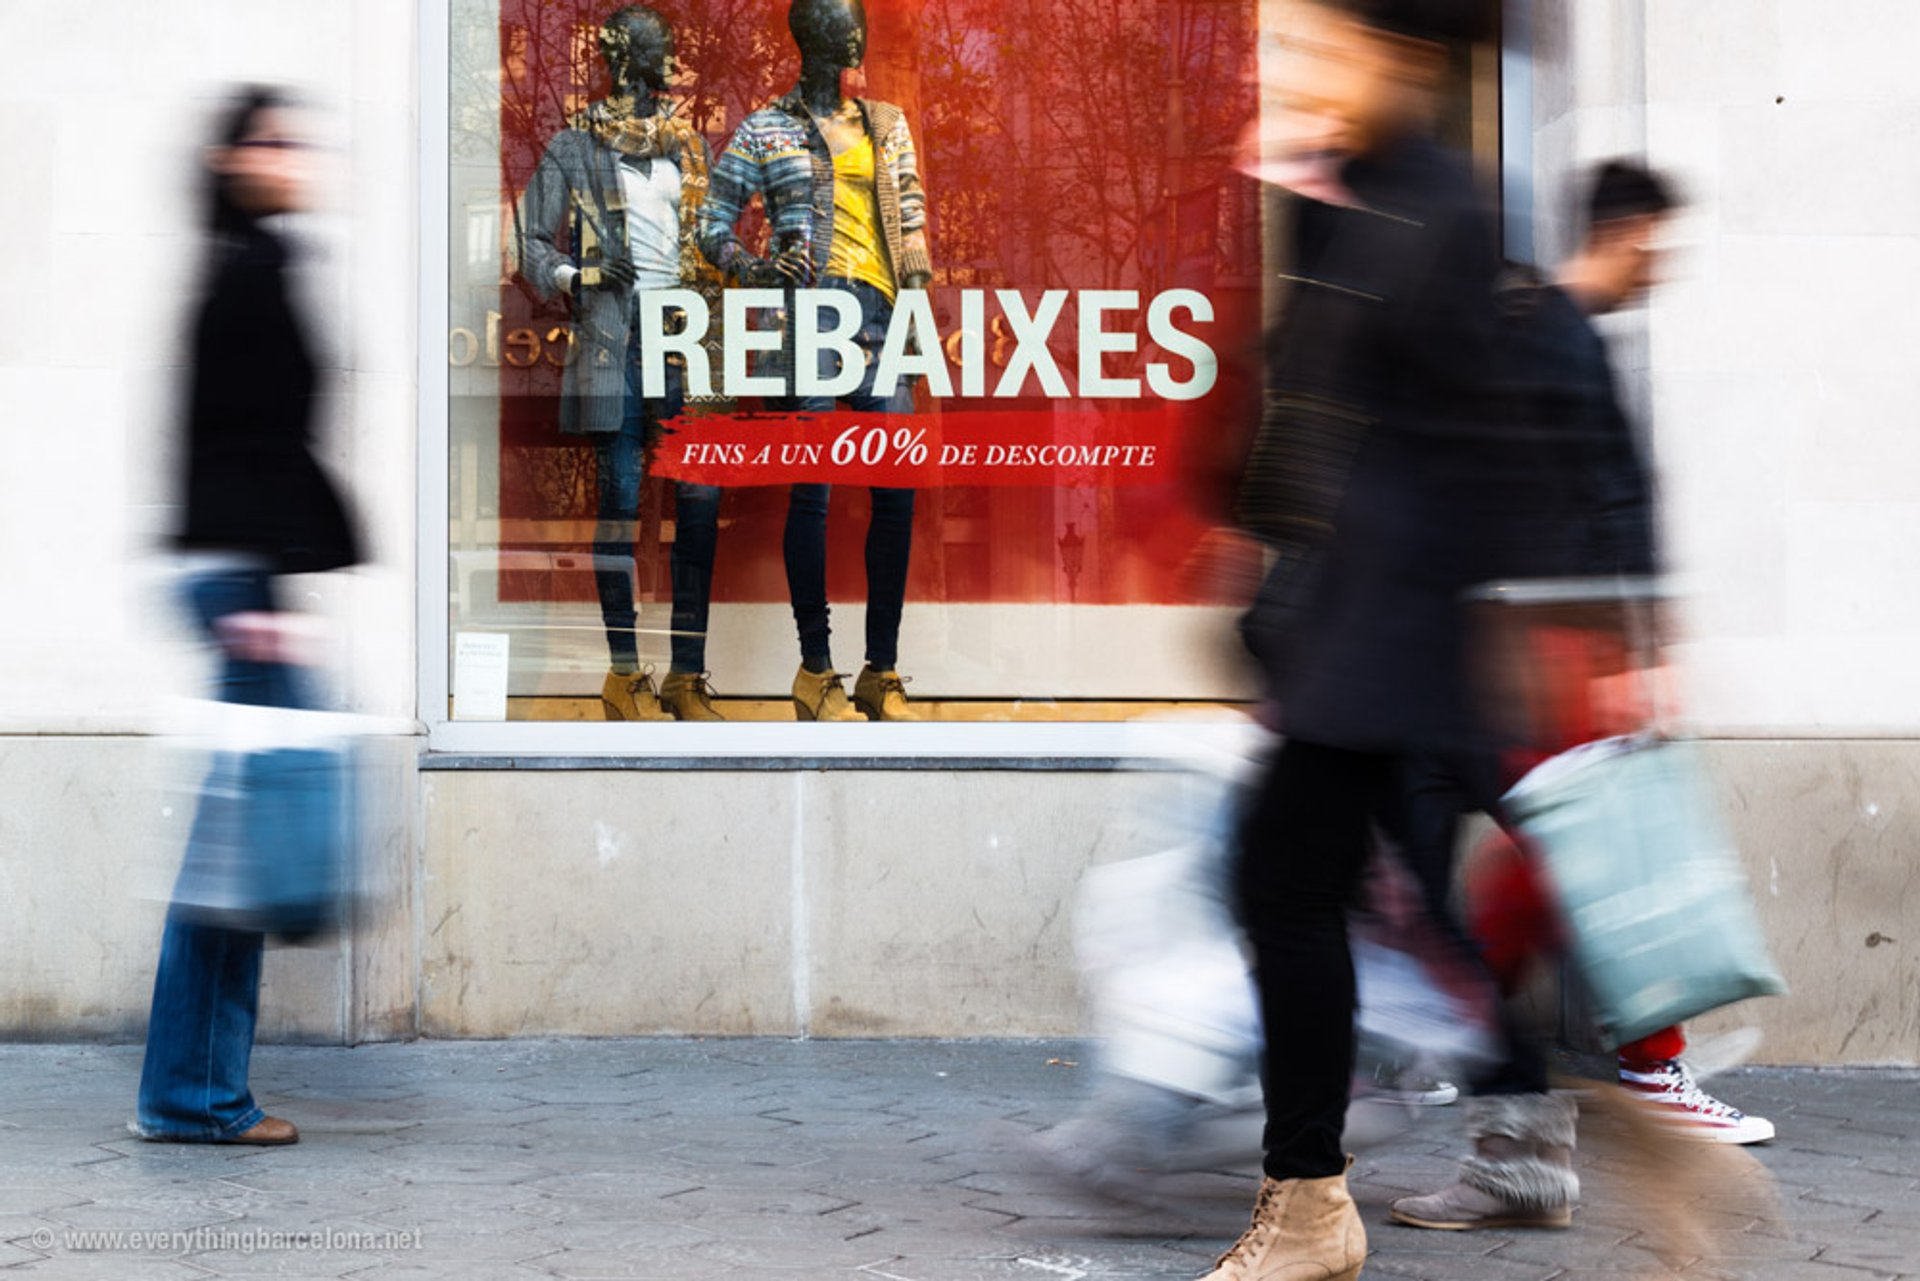 Rebajas or Sales in Barcelona 2020 - Best Time